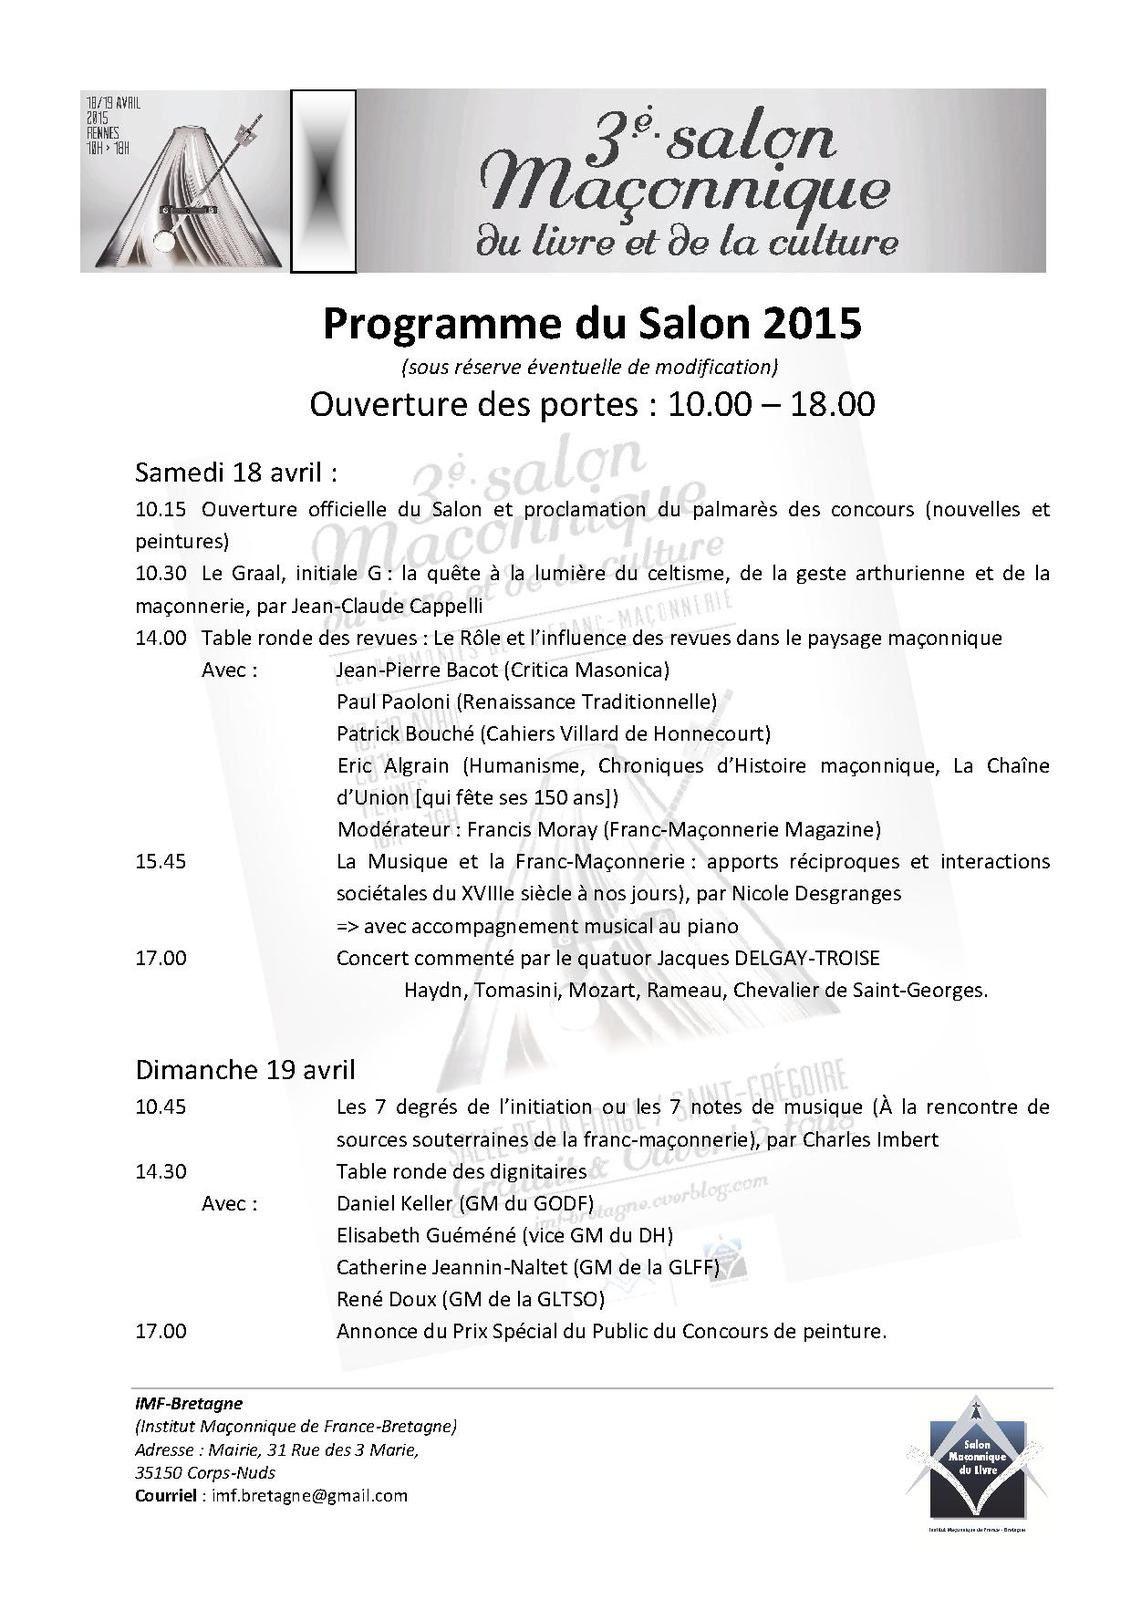 Programme du salon ma onnique de rennes 2015 imf bretagne - Programme salon du bourget 2015 ...